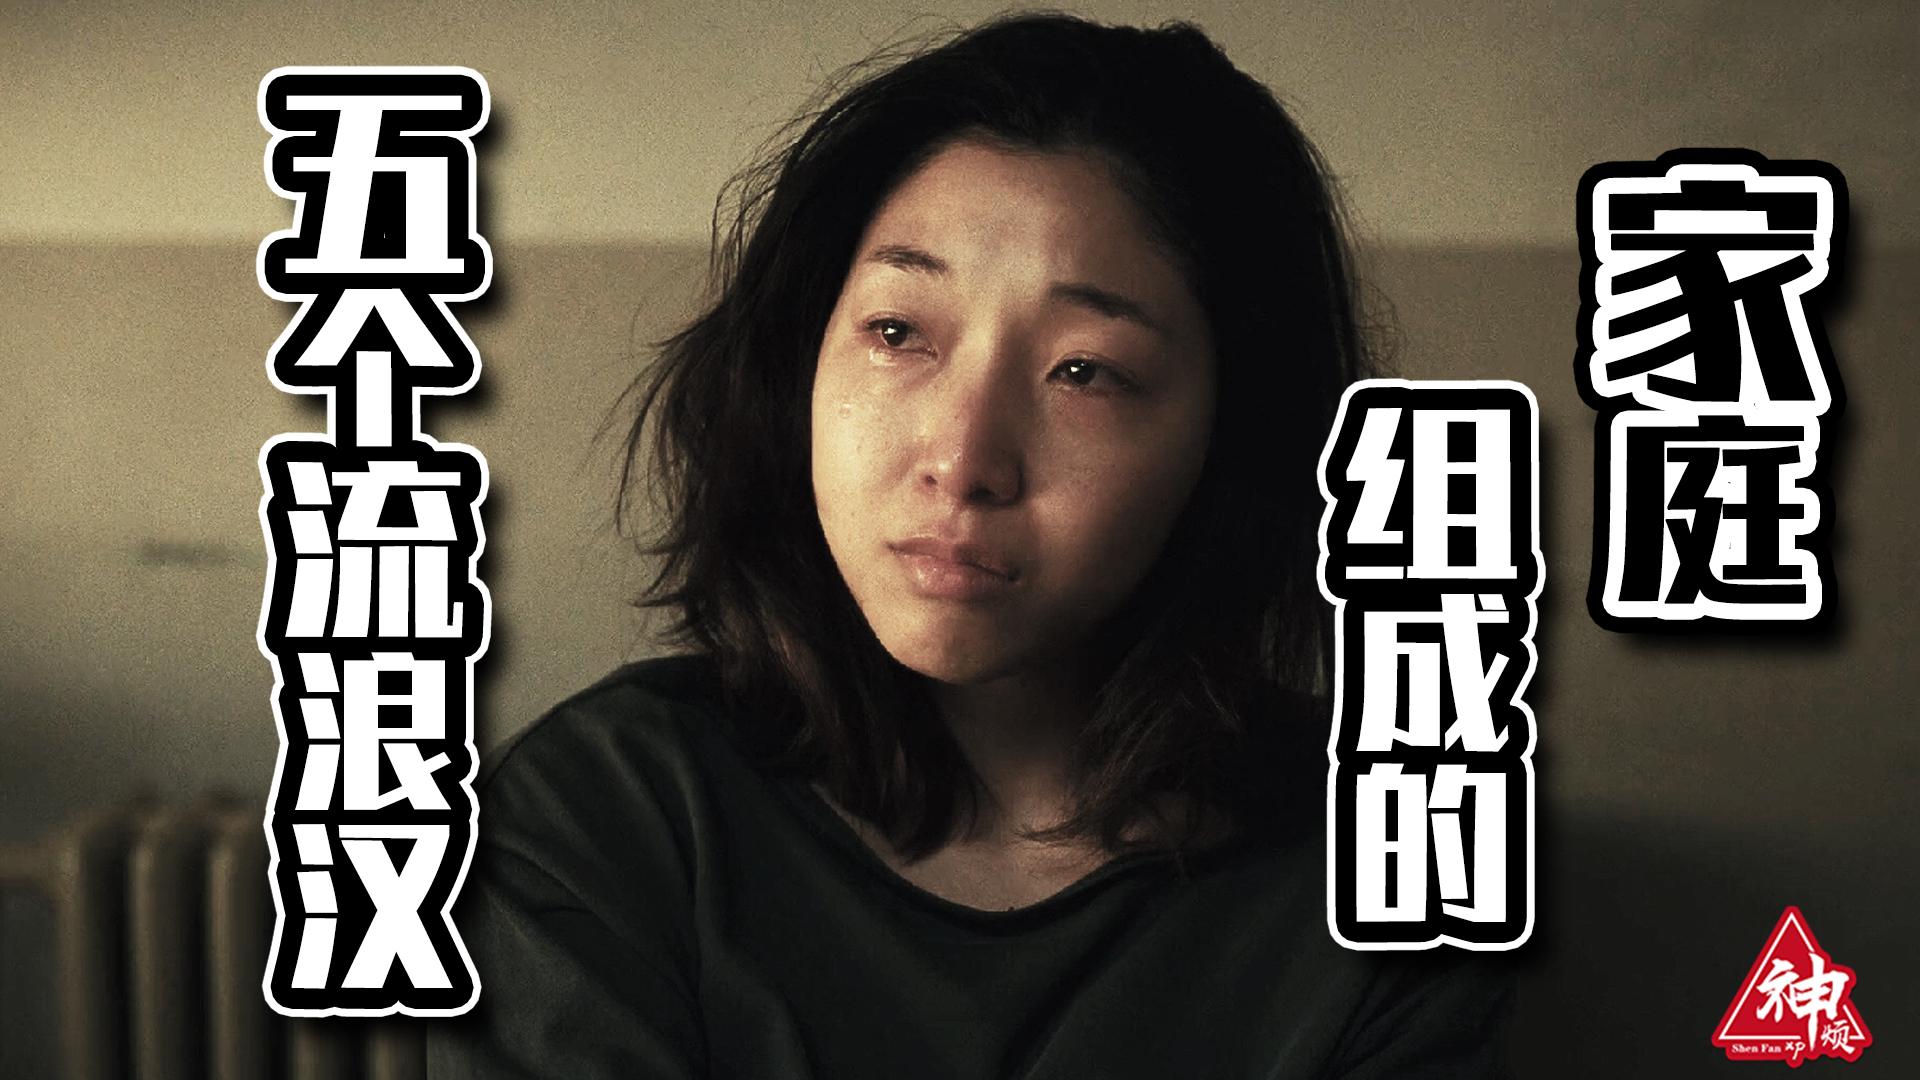 五个流浪汉组成的家庭,日本社会最难以启齿的秘密都在这了。